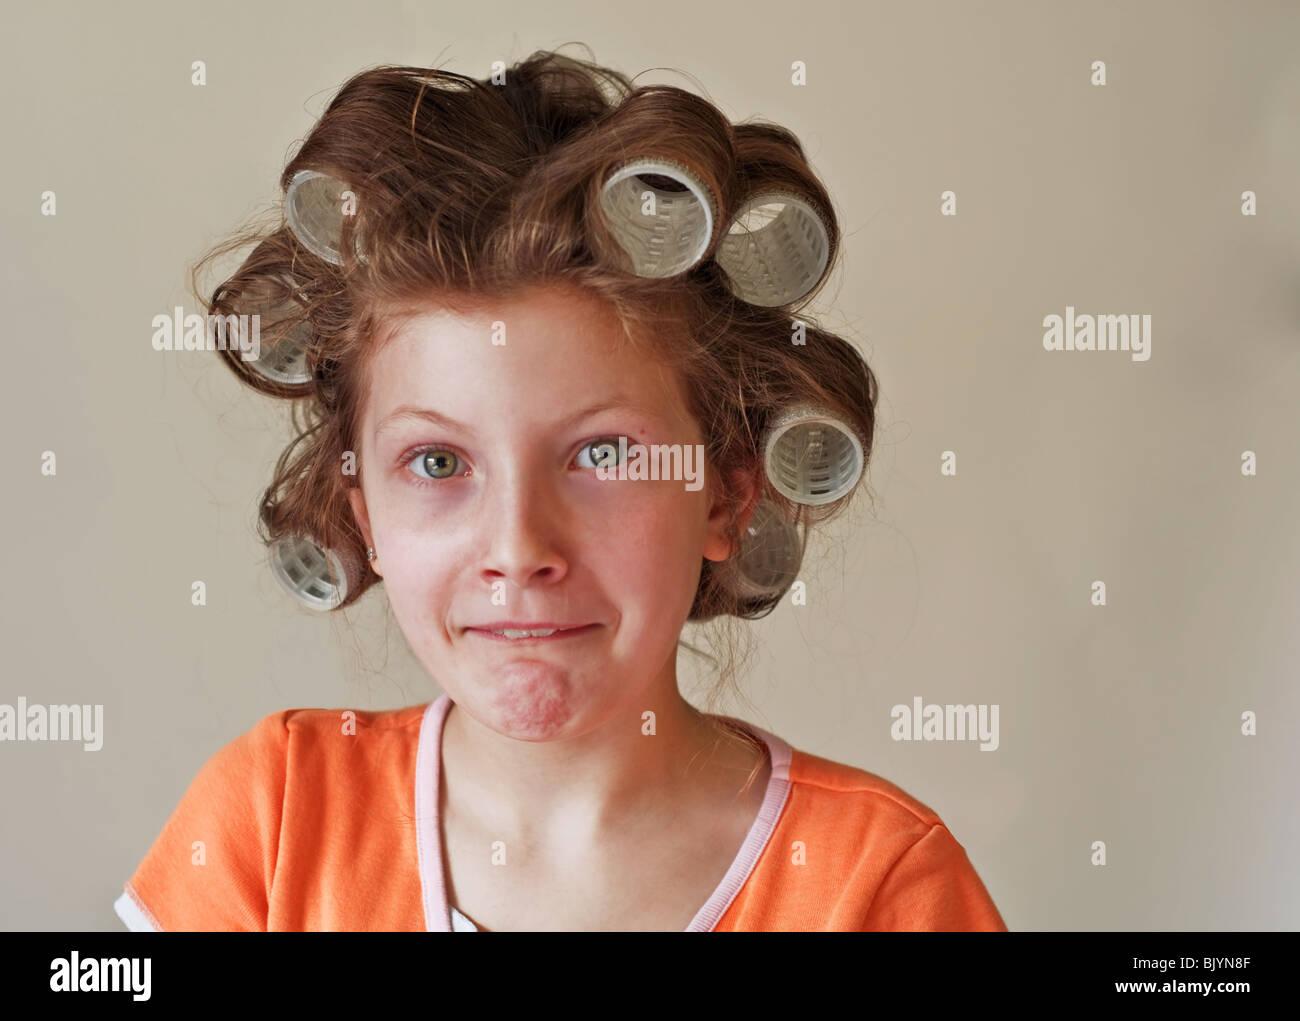 Cette image est une 9 ans fille aux yeux verts, a ses cheveux en rouleaux (curling) et d'avoir un soin du visage. Photo Stock